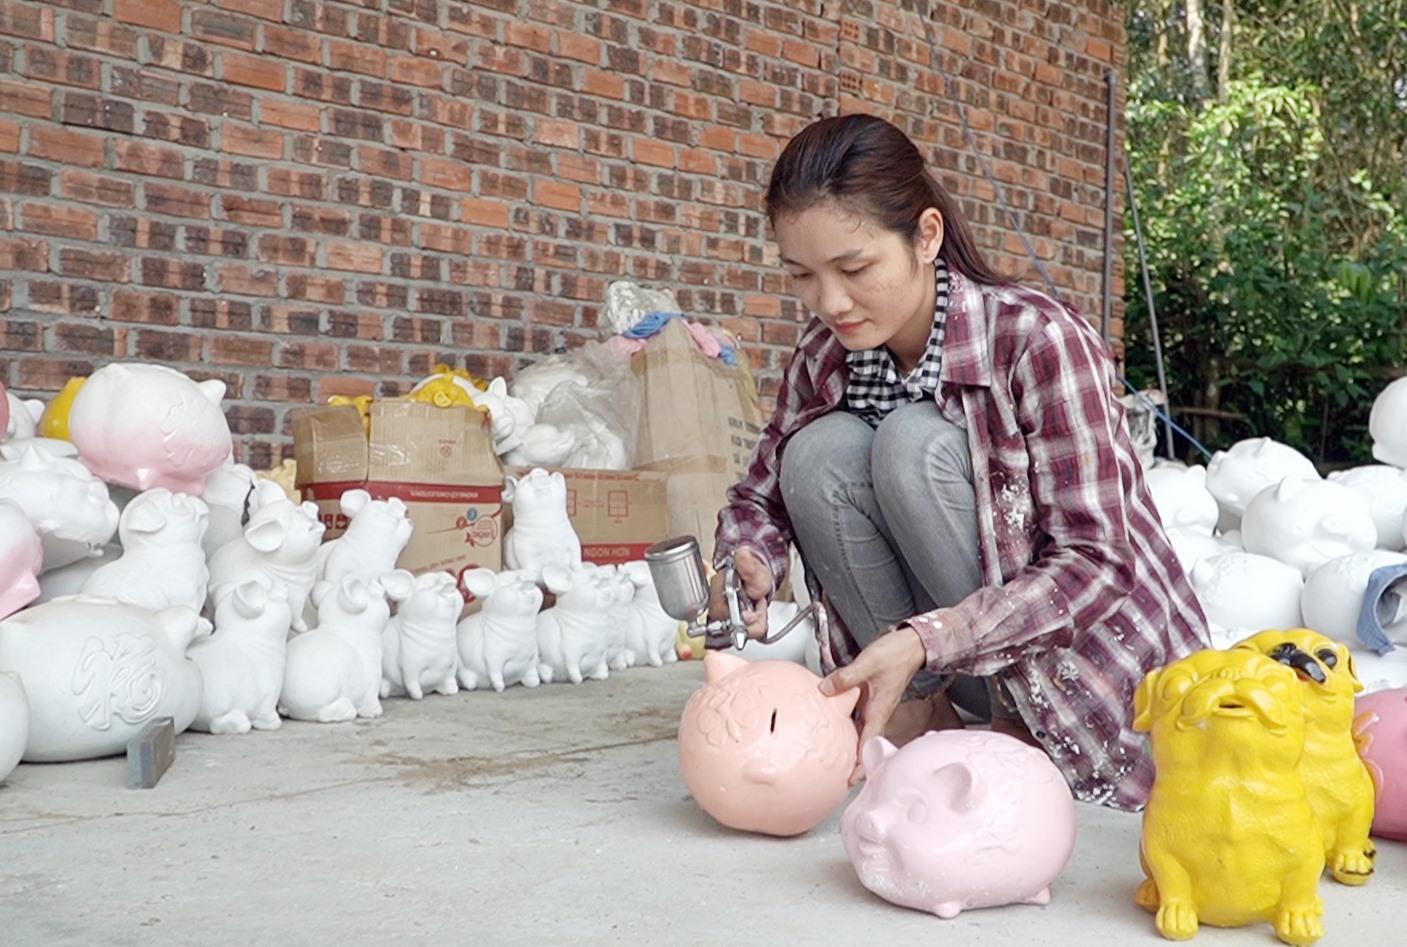 Mỗi ngày, xưởng chị Hương sản xuất được 300 sản phẩm heo đất các loại. Ảnh: PHAN VINH